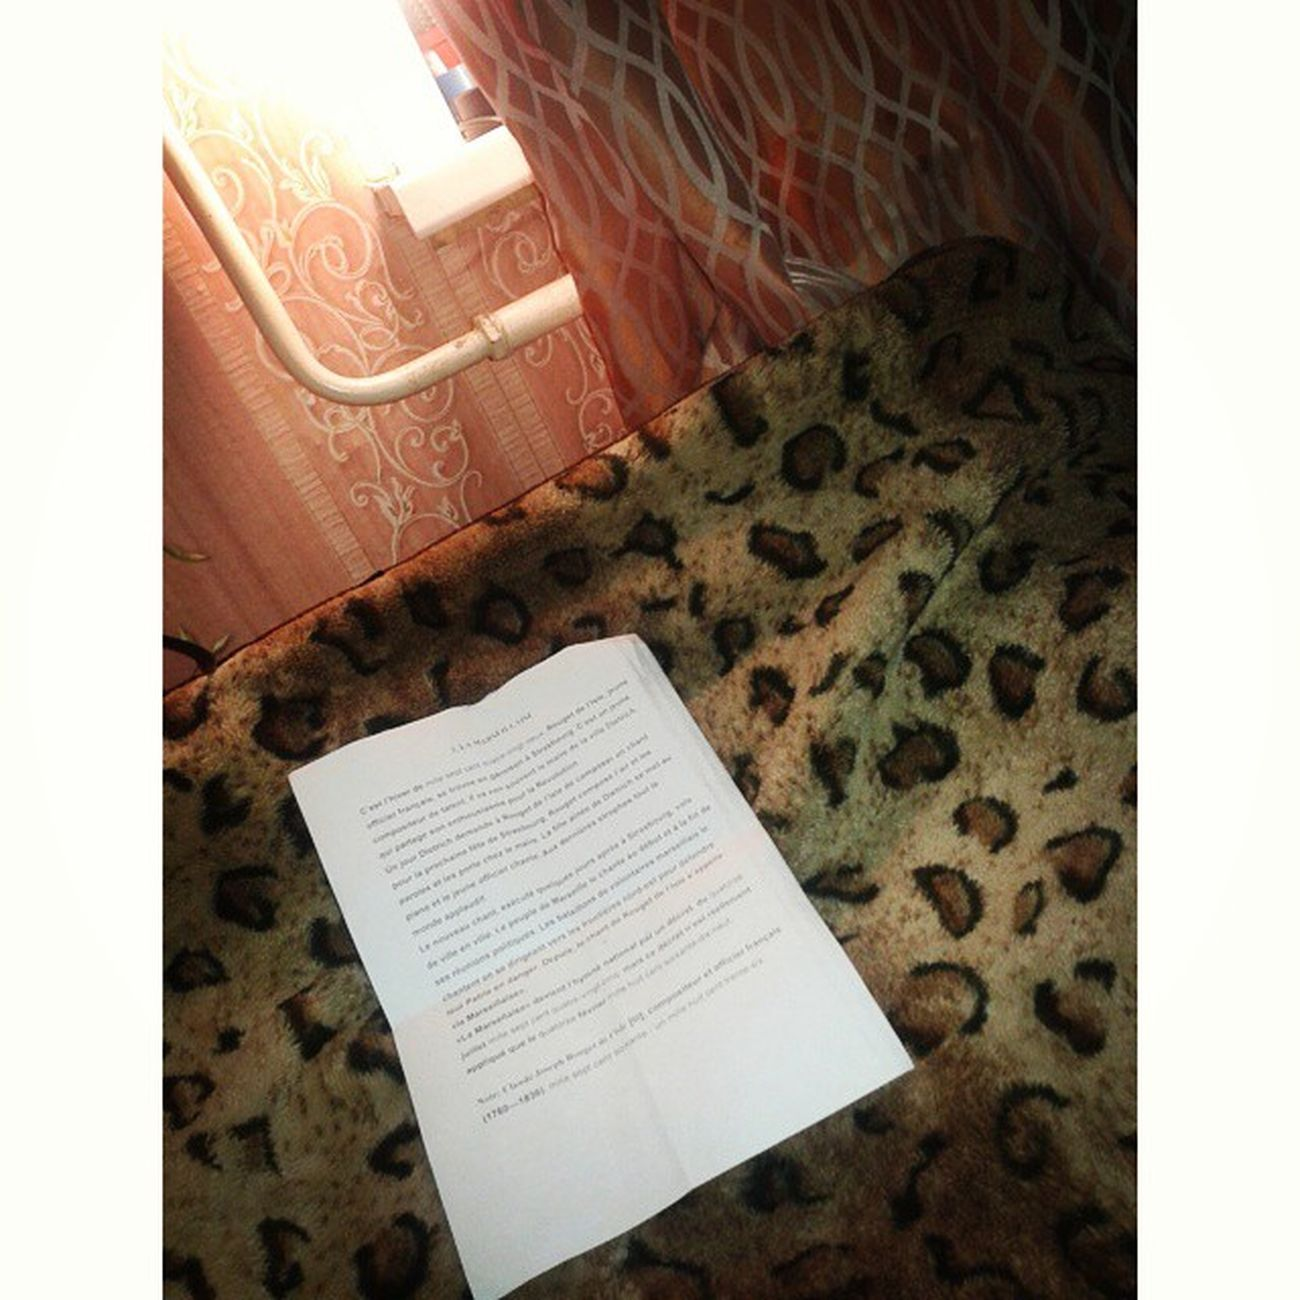 Кто то спит, а у меня зачетный текст по французскому ппцкакхочубаеньки